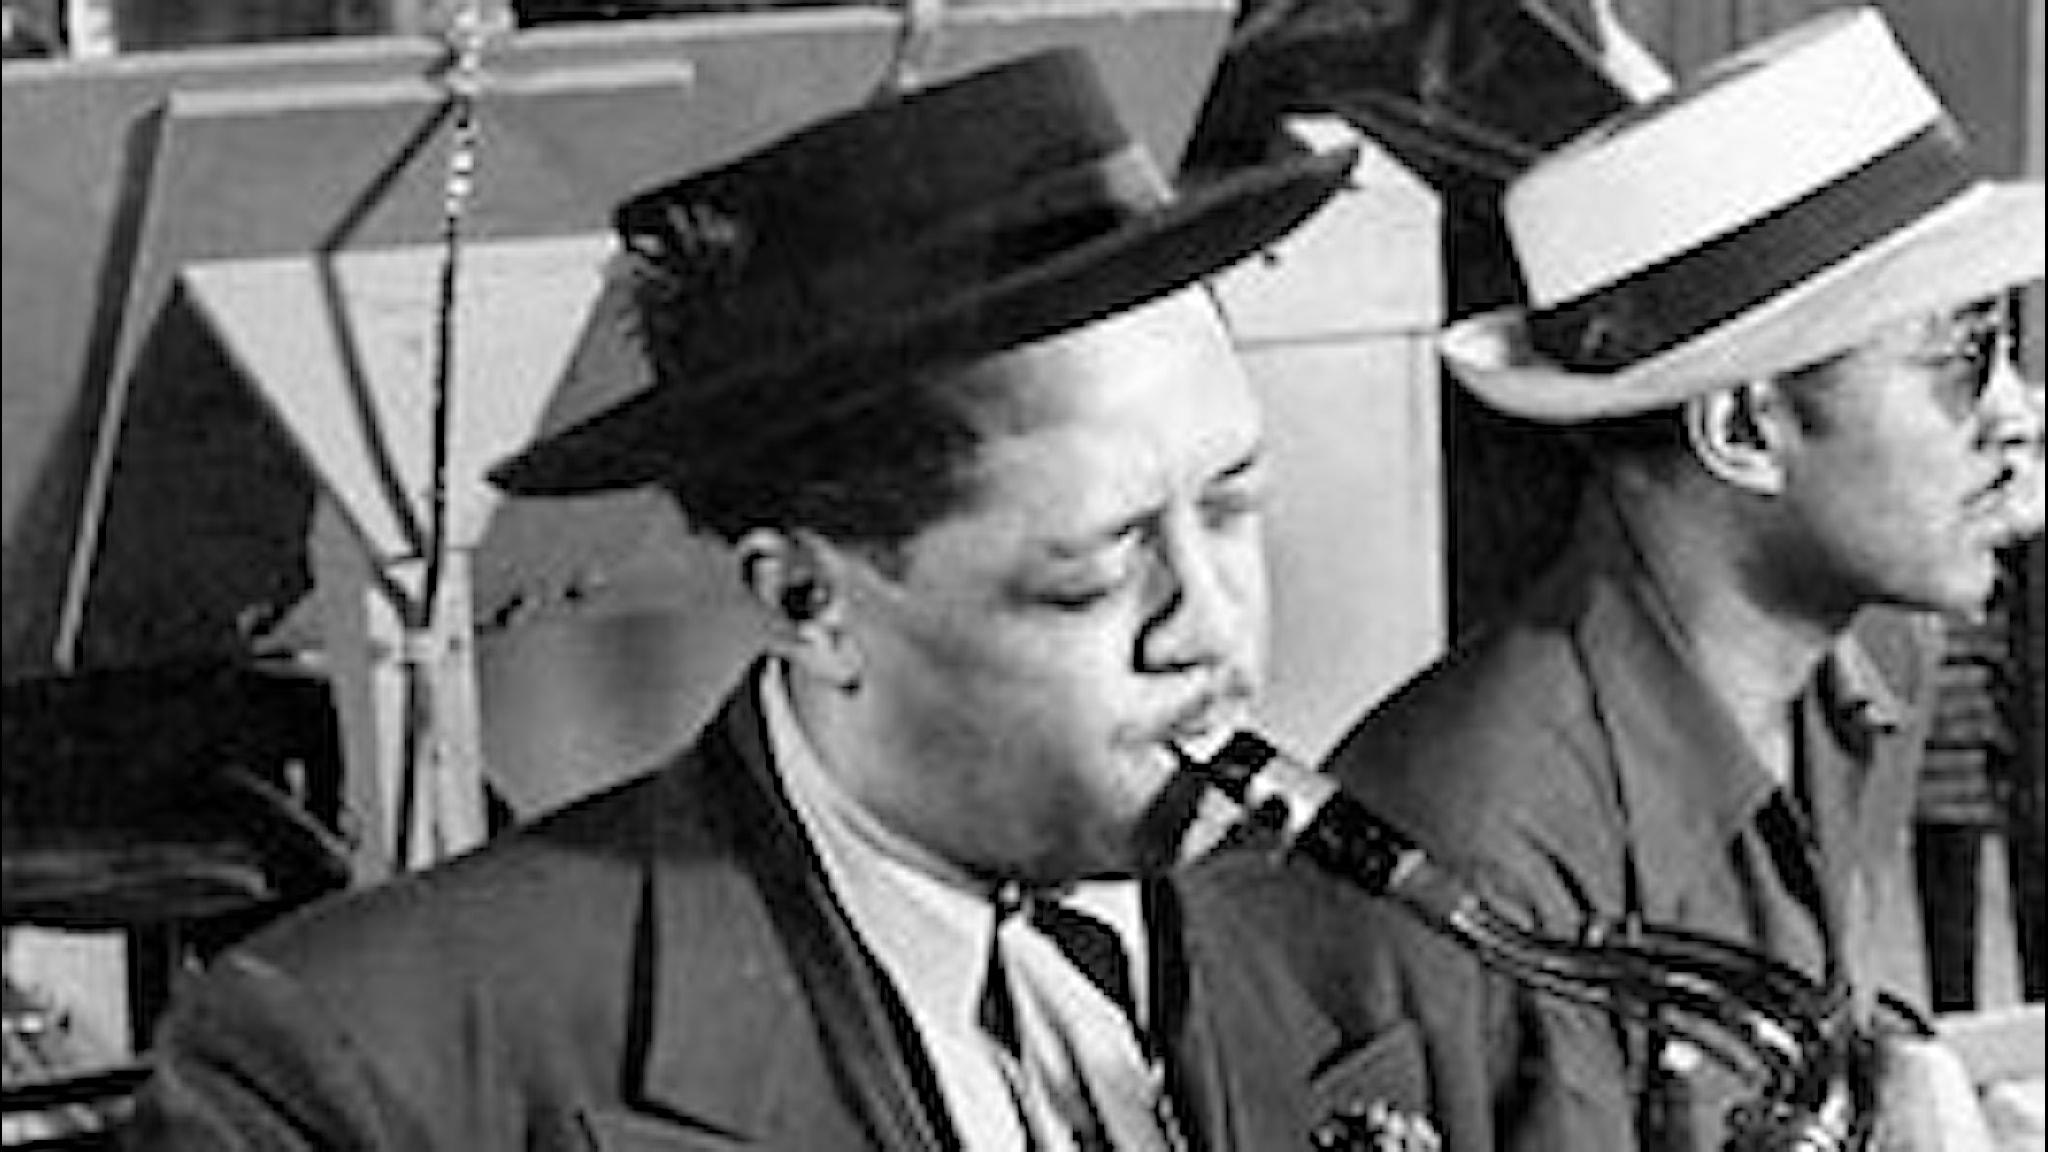 """Saxofonisten Lester Young den 25 september 1944. Han sitter med sin """"pork pie hat"""" som på svenska betyder """"gris-paj-hatt"""" för att den ser ut som en brittisk maträtt med samma namn. Foto: Ojon Mili/Wikimedia commons."""